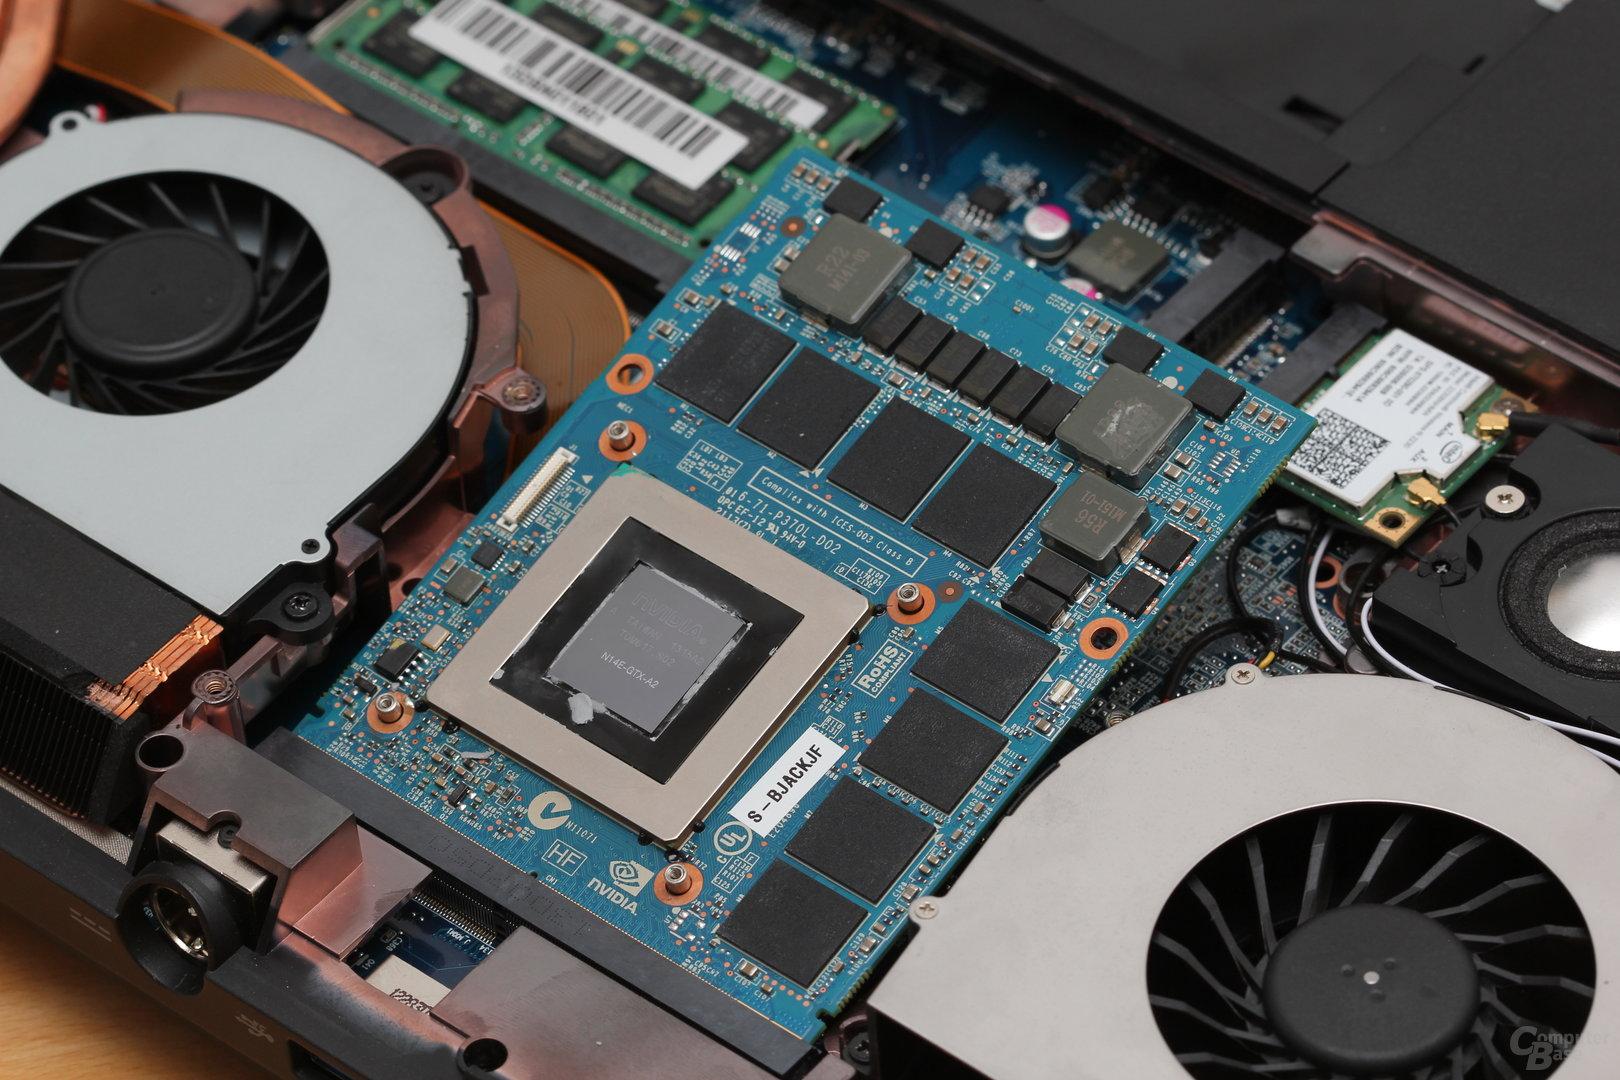 GeForce GTX 780M auf MXM-Modul